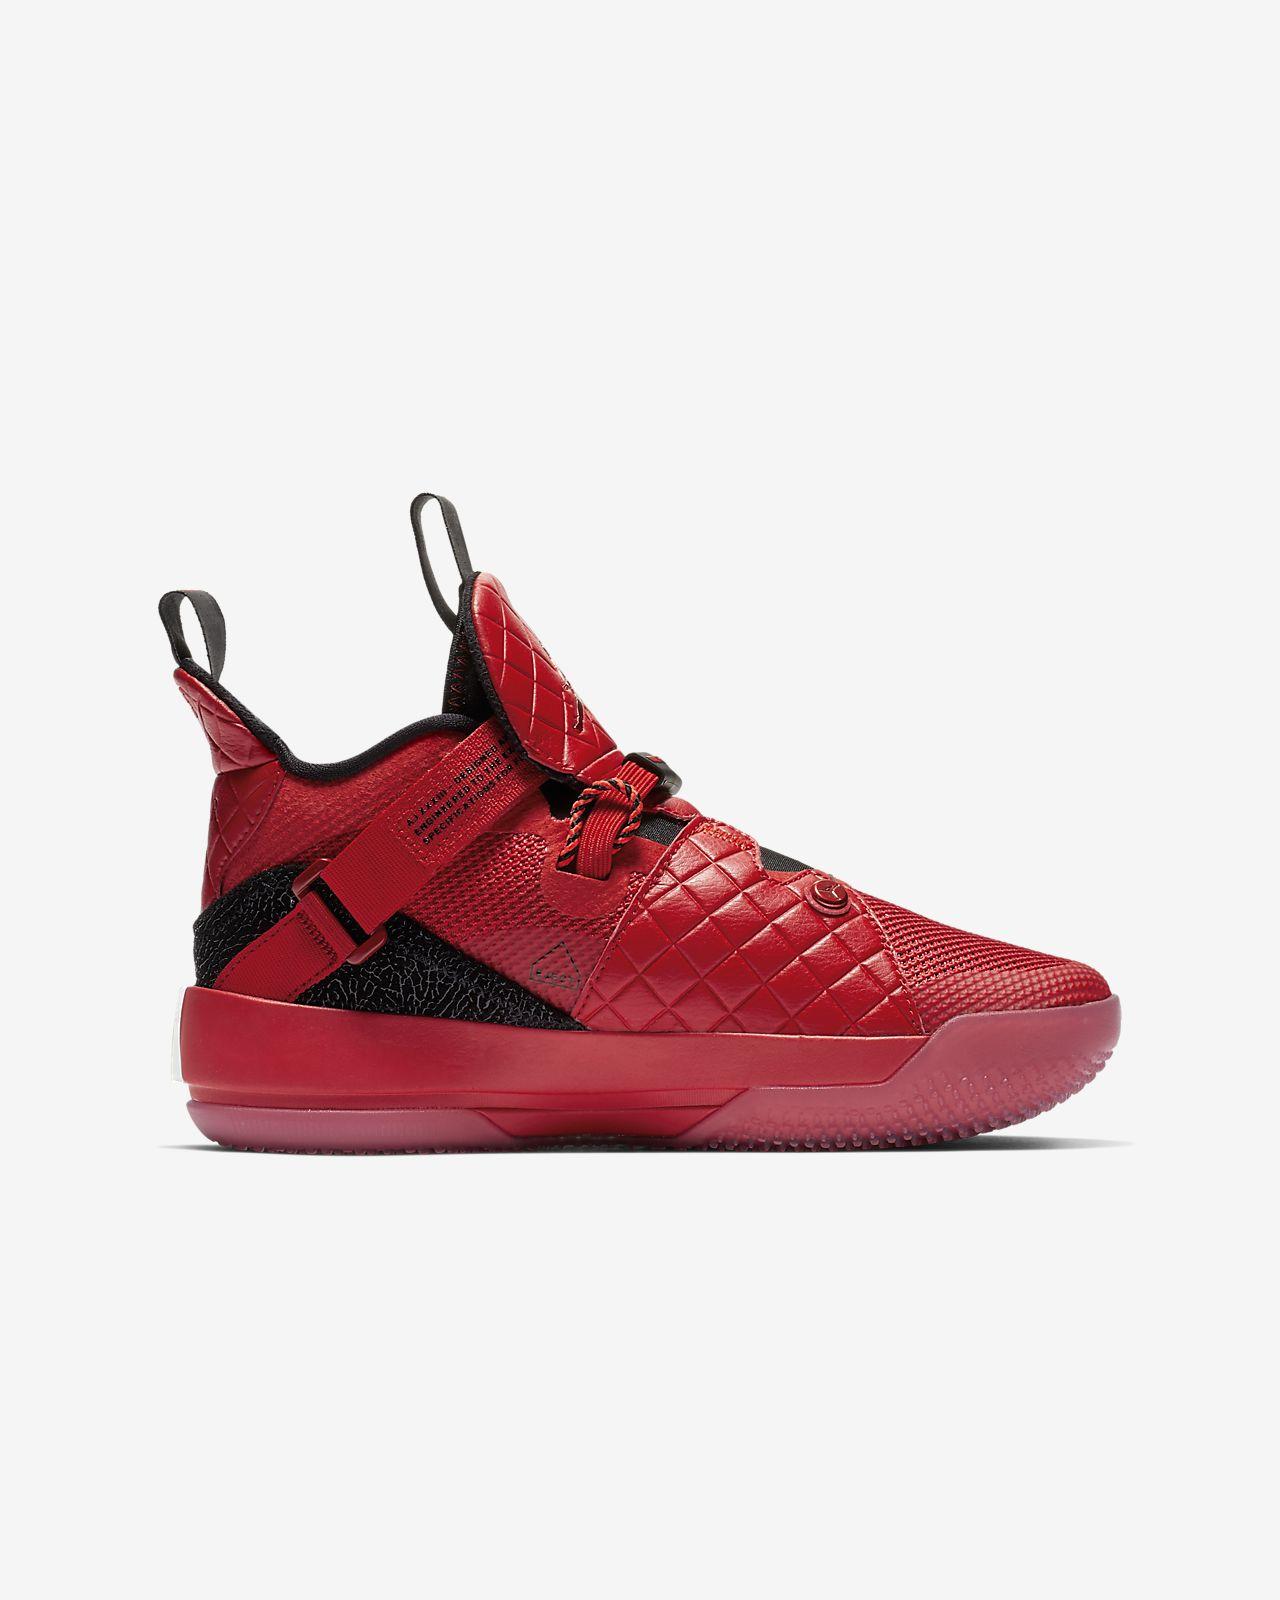 De Basketball Enfant Pour Jordan Plus ÂgéNike Chaussure Xxxiii Air 3A45qRLj